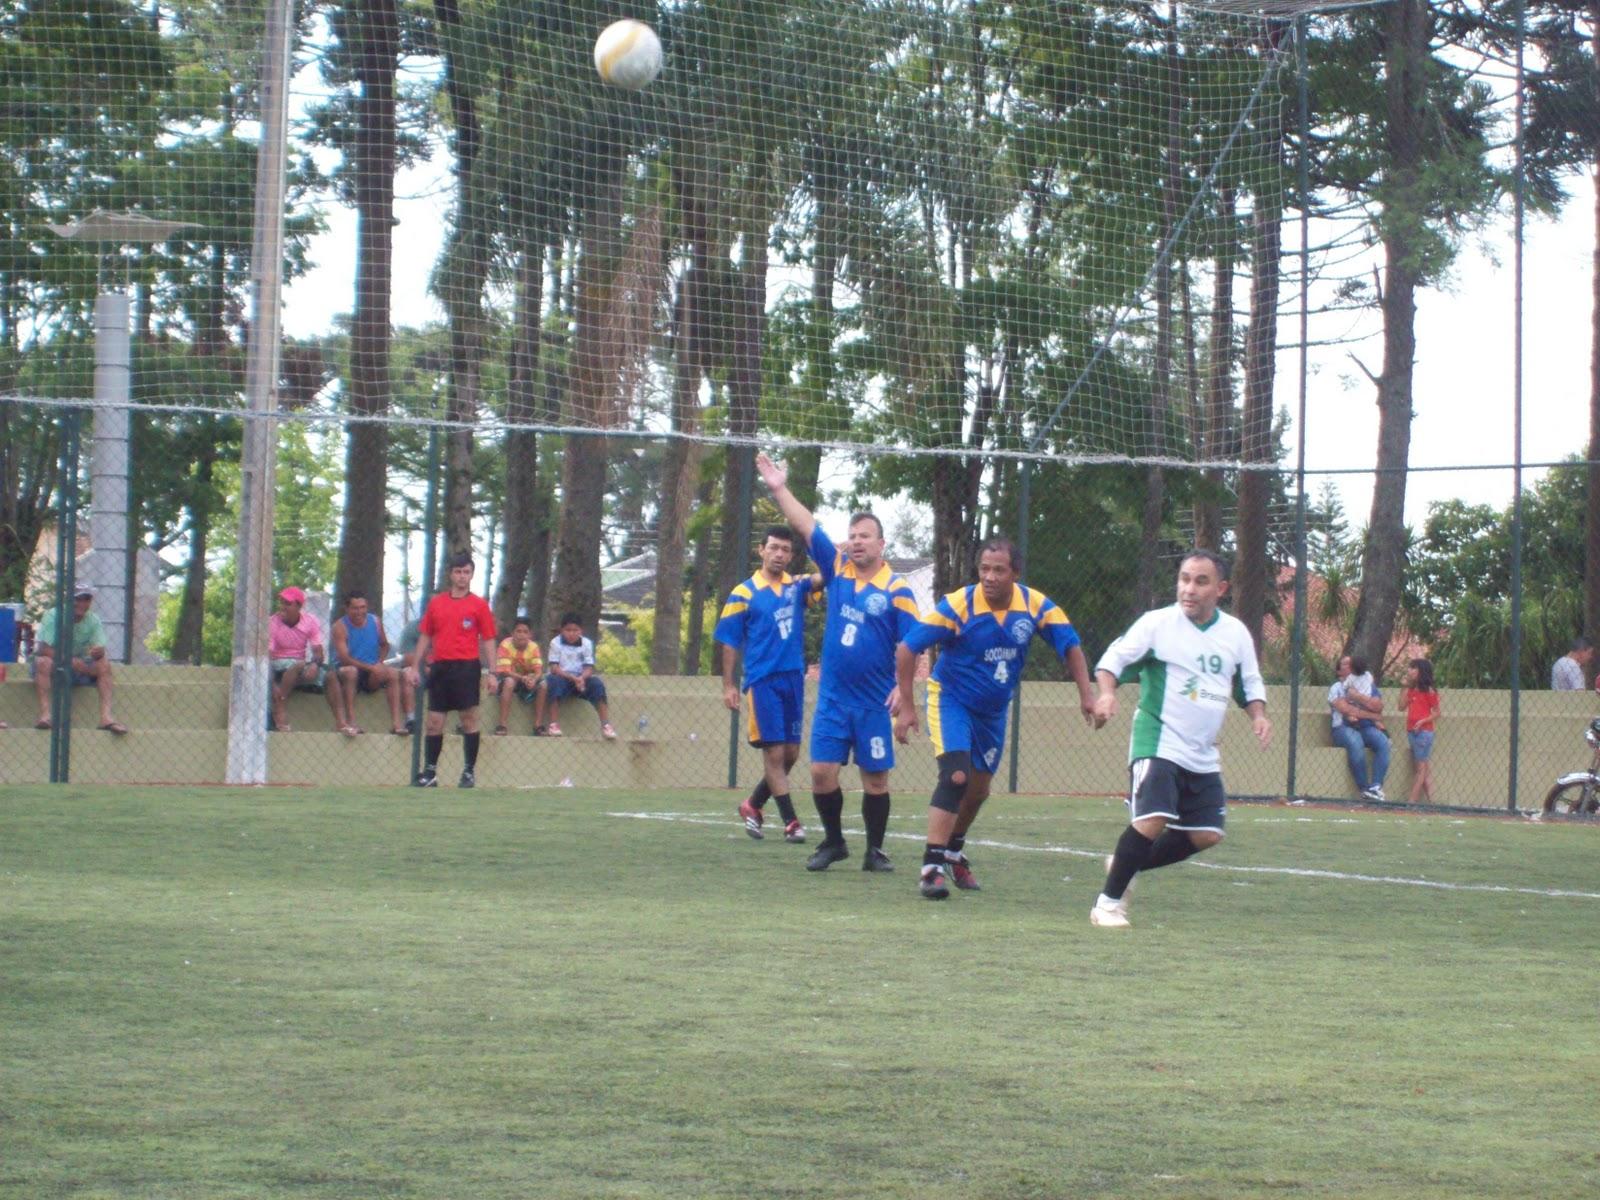 16025b6f61 A Cancha de Futebol Society Lúcio Solak na Praça dos Pinheiros foi o palco  neste sábado (26) de mais uma rodada do Campeonato do Servidor de Futebol 7  com ...